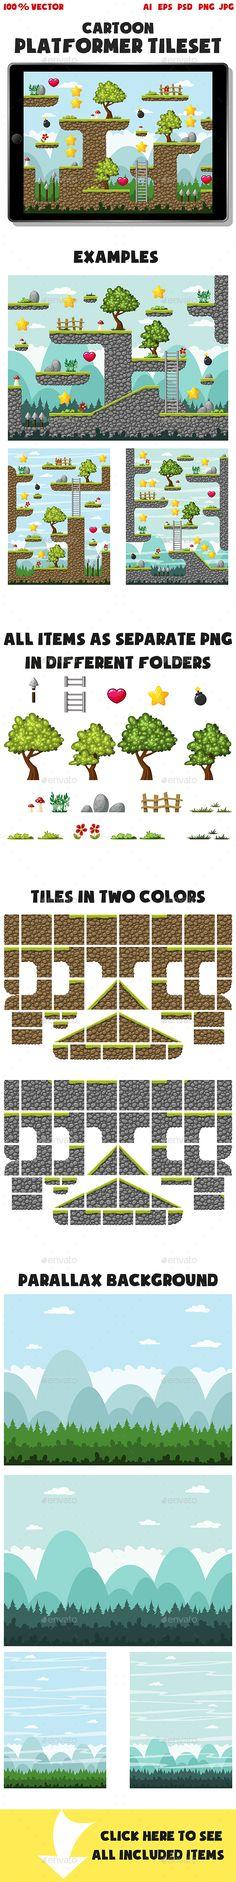 Cartoon Platformer Tileset - Tilesets Game Assets